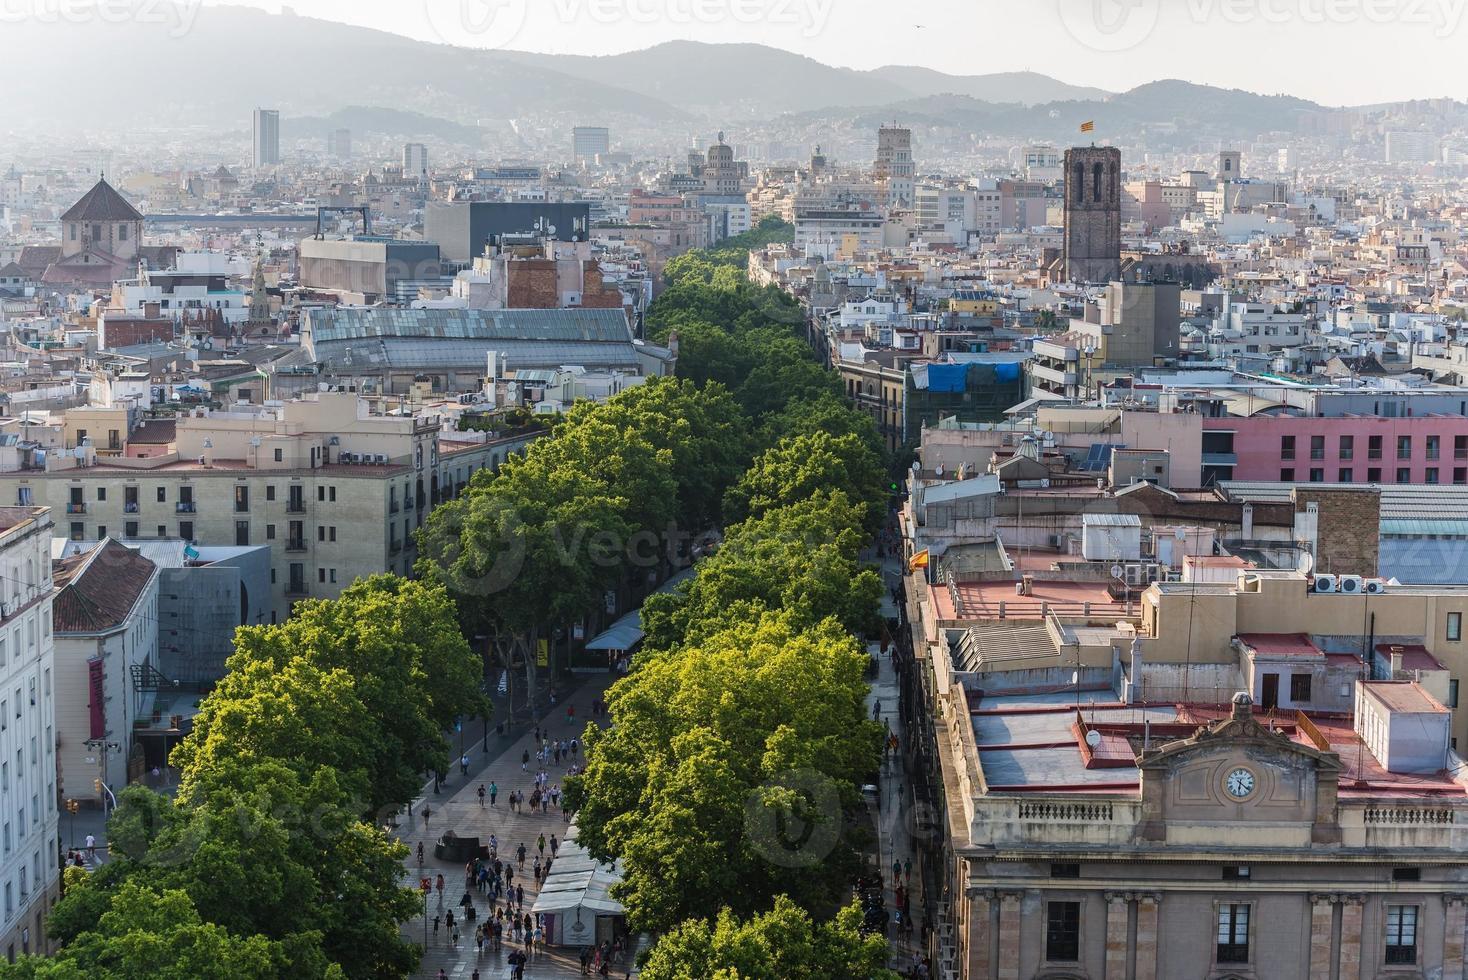 vue sur les maisons de barcelone espagne photo